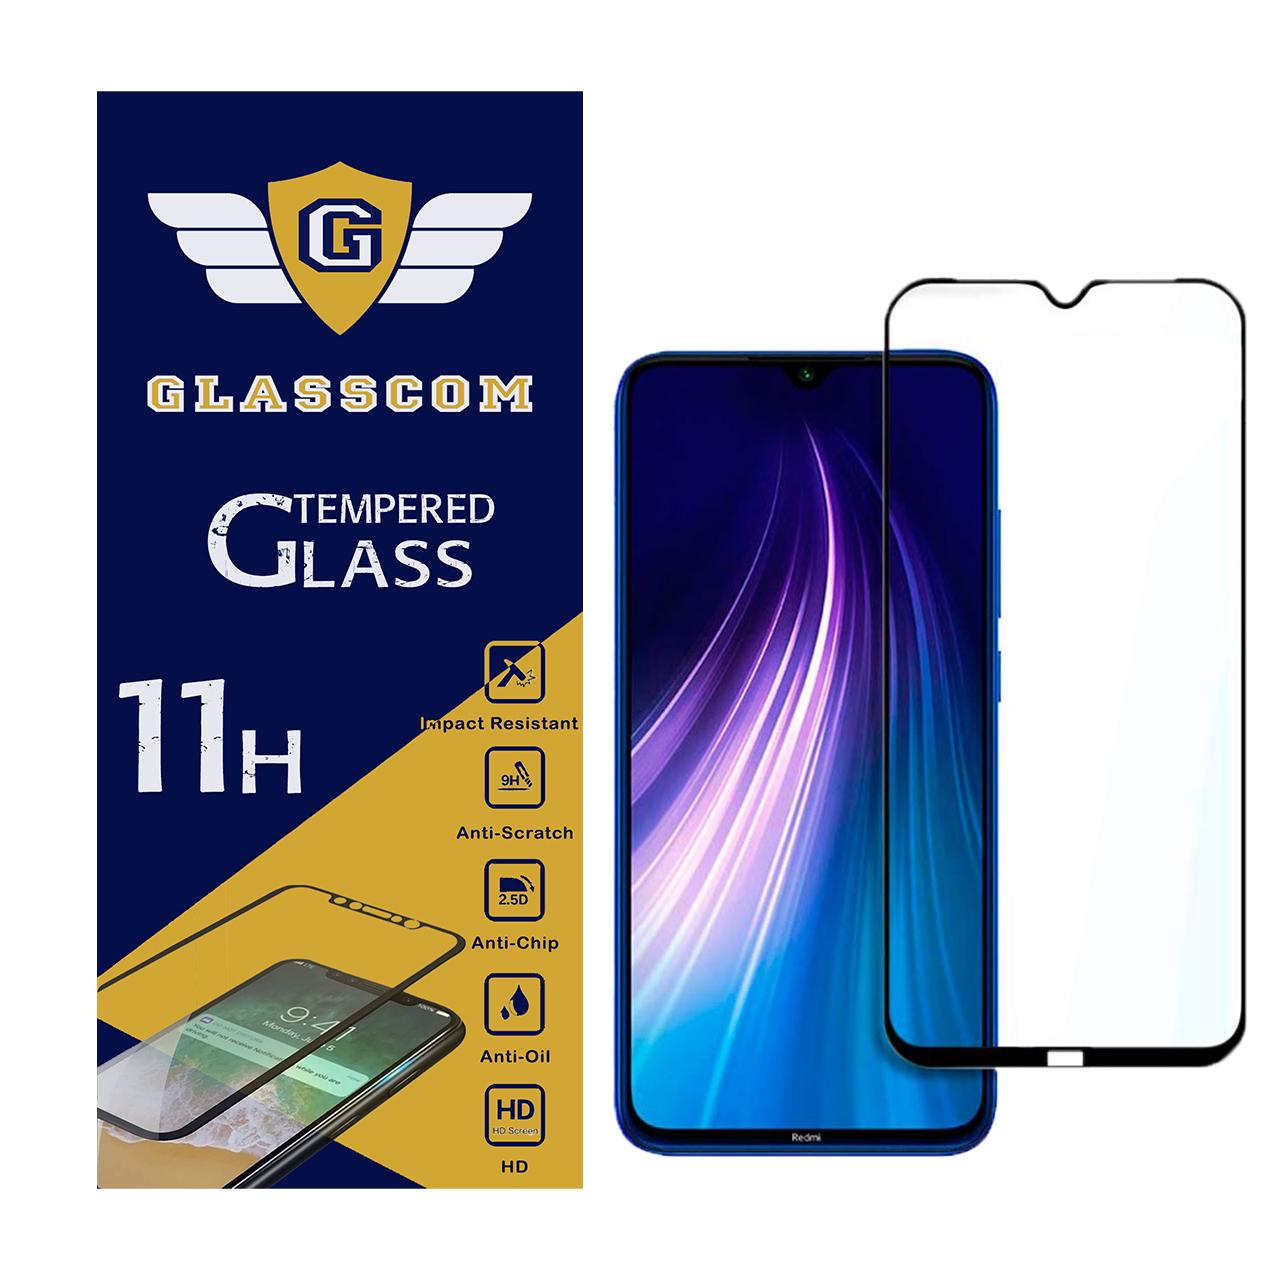 محافظ صفحه نمایش گلس کام مدل GC-R8 مناسب برای گوشی موبایل شیائومی Redmi Note 8              ( قیمت و خرید)